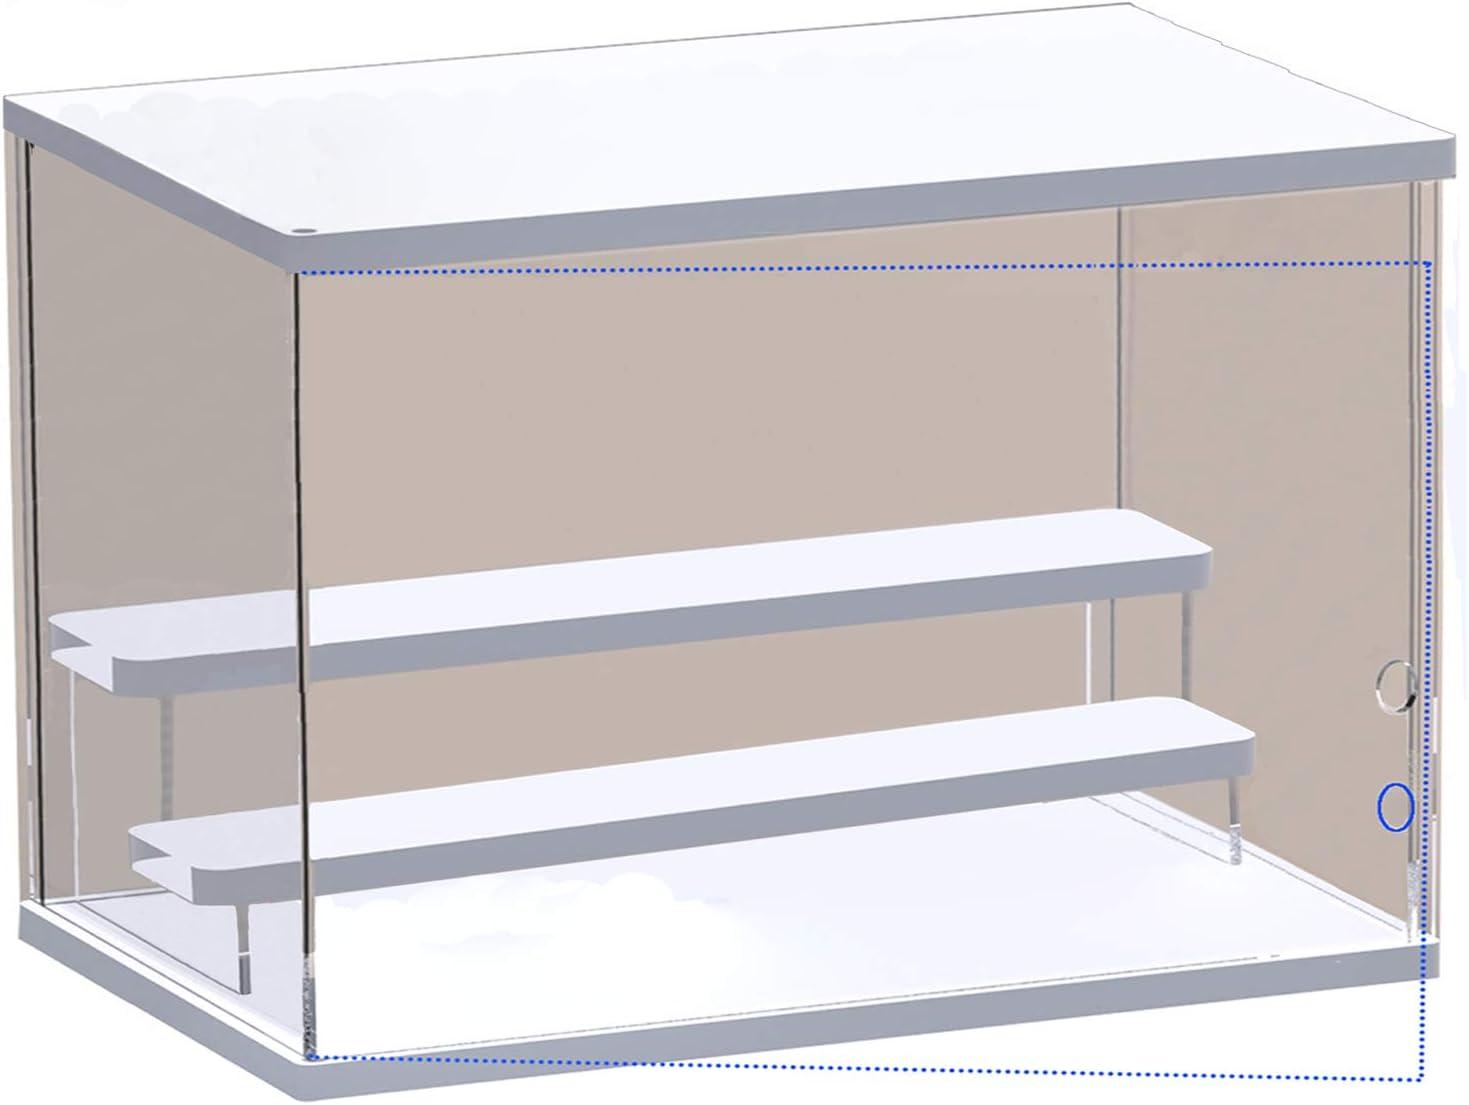 ELEpure Exhibidor de Escalera de acrílico de 3 Niveles, Organizador de Estante de Escalera de Madera, decoración Coleccionable para exhibición de Figuras, muñeca, cosméticos (40x18x22cm)